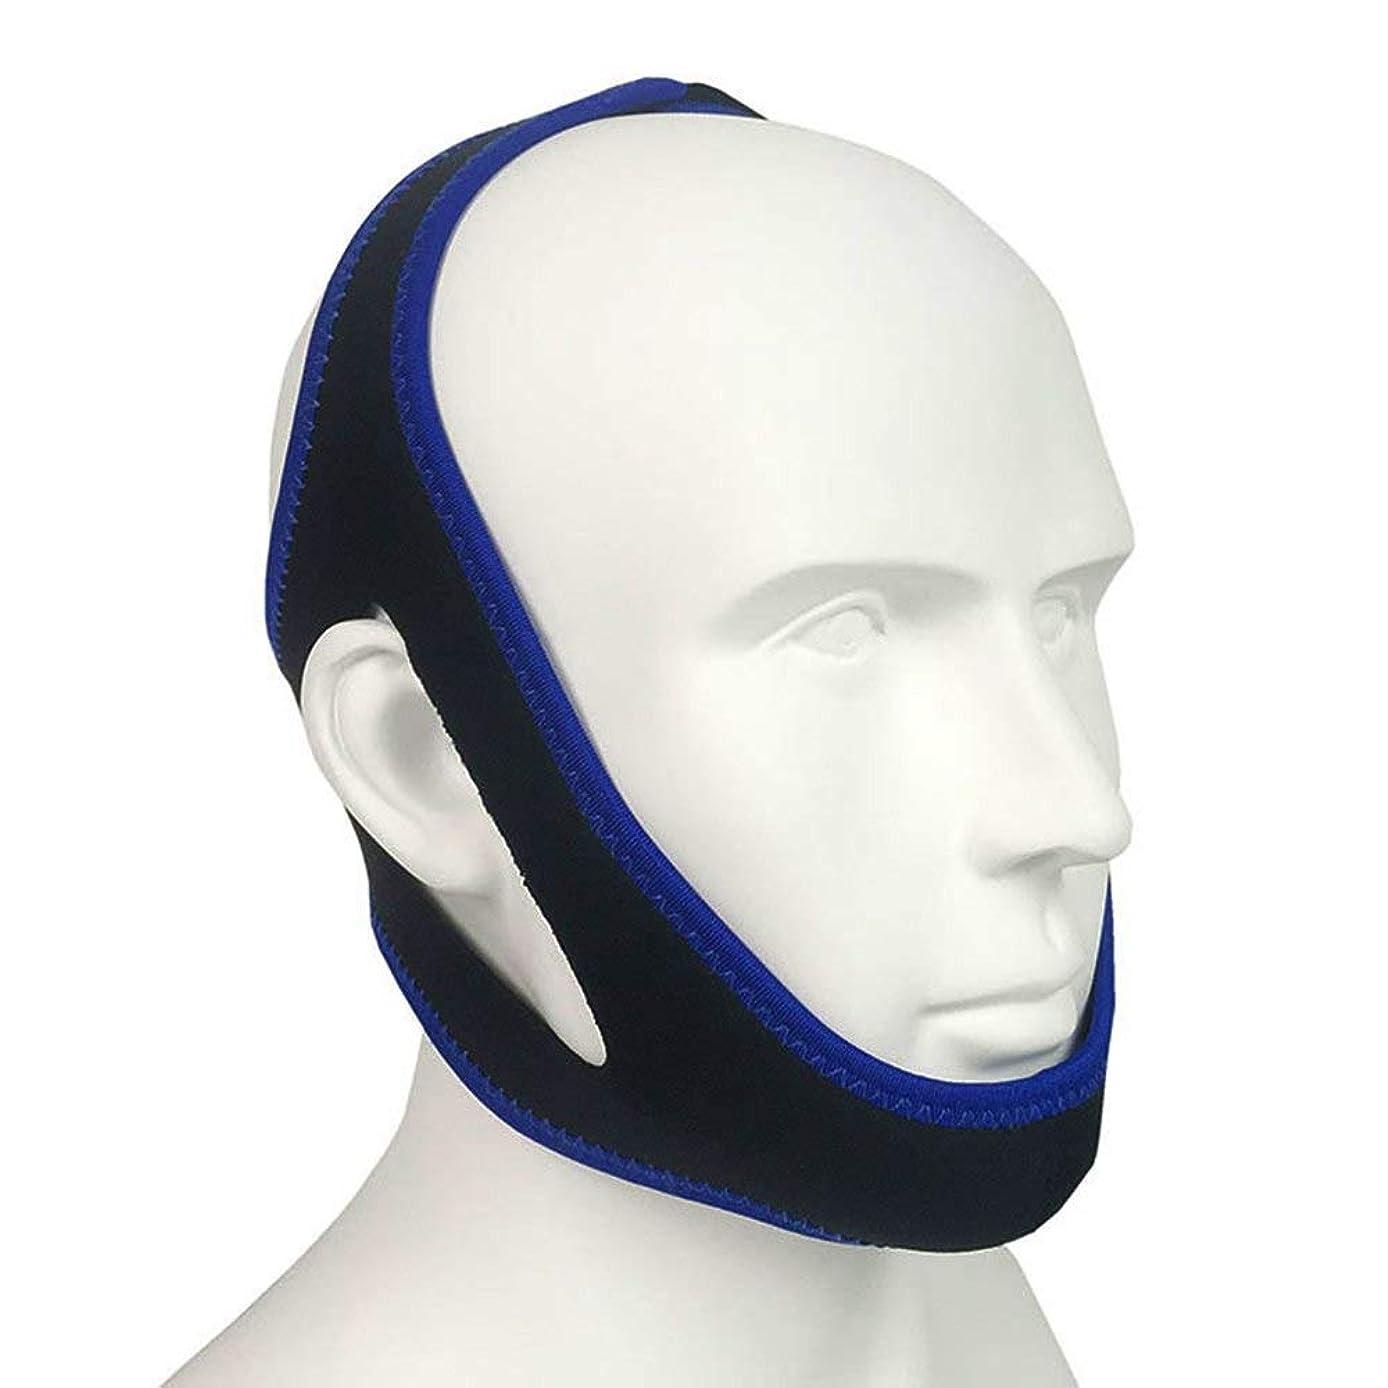 邪魔パーフェルビッド矛盾NOTE 抗いびき睡眠マスク三角形ヘッドバンドいびきベルト停止いびきジョーサポートストラップ用女性男性ヘルスケア睡眠ツール